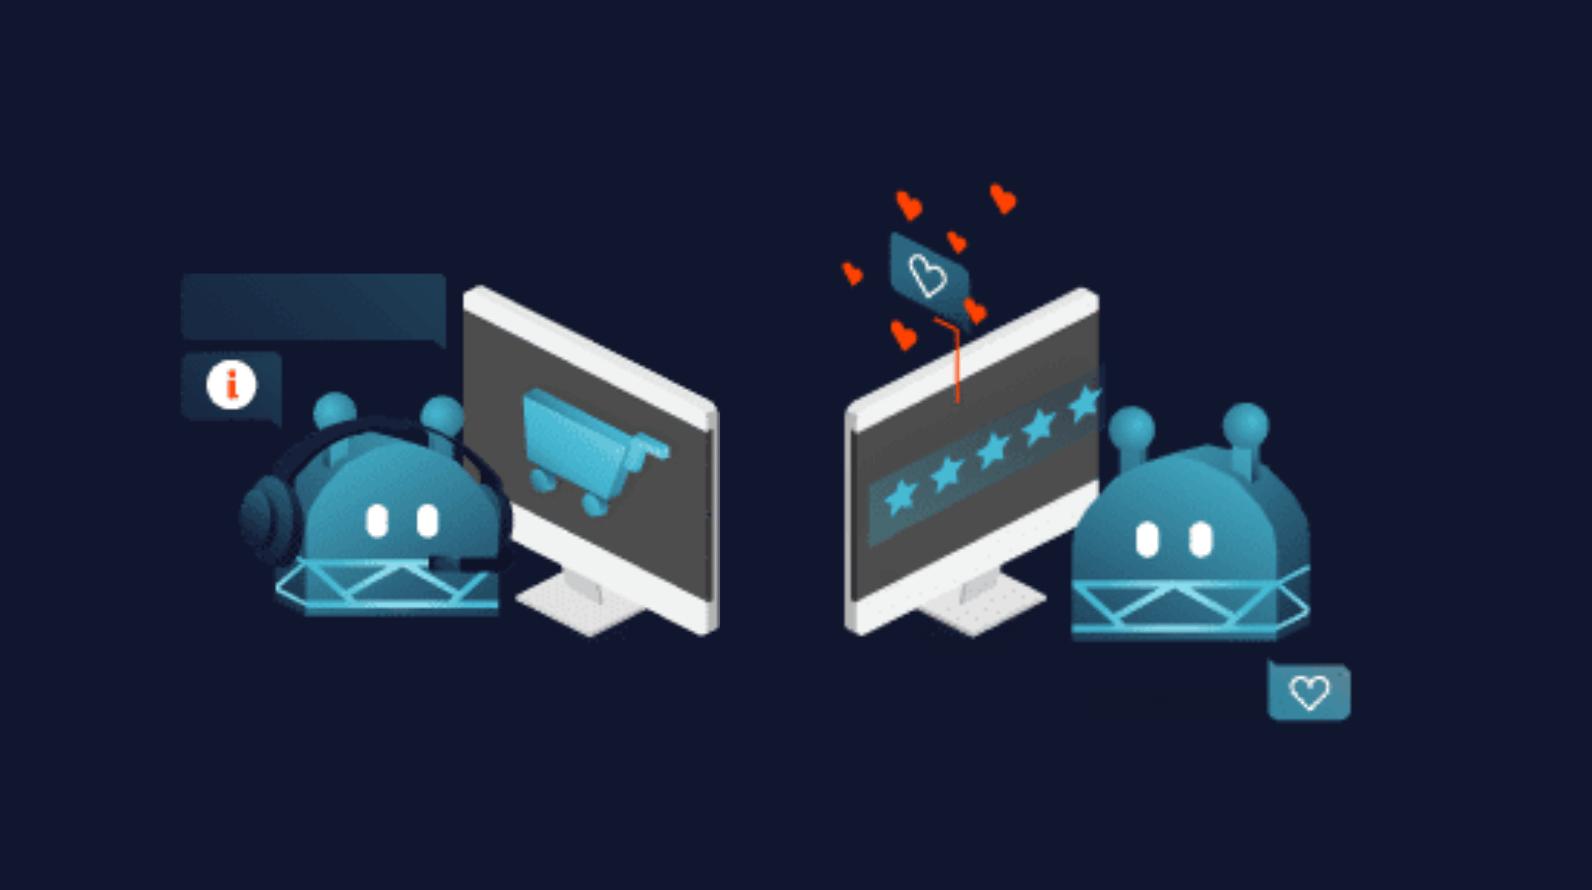 Zwei Bots beraten über die Kundenservice Hotline